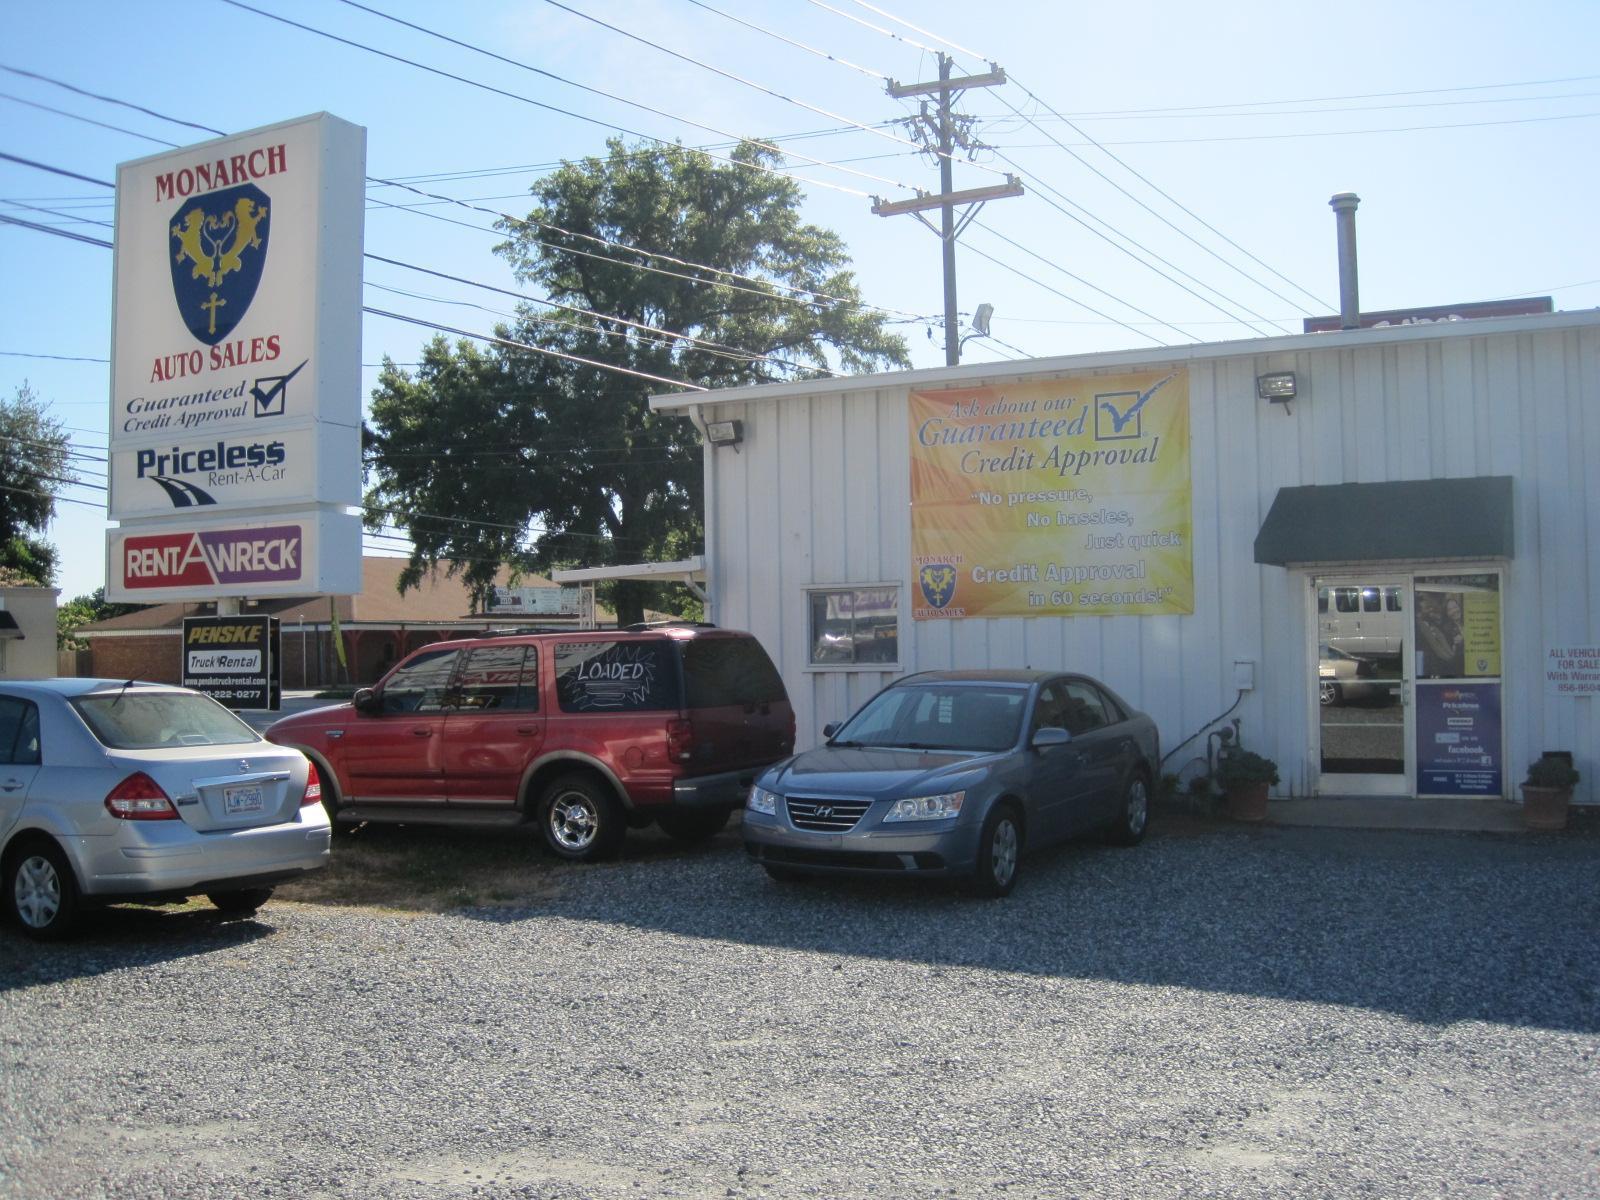 Rent-A-Wreck Greensboro